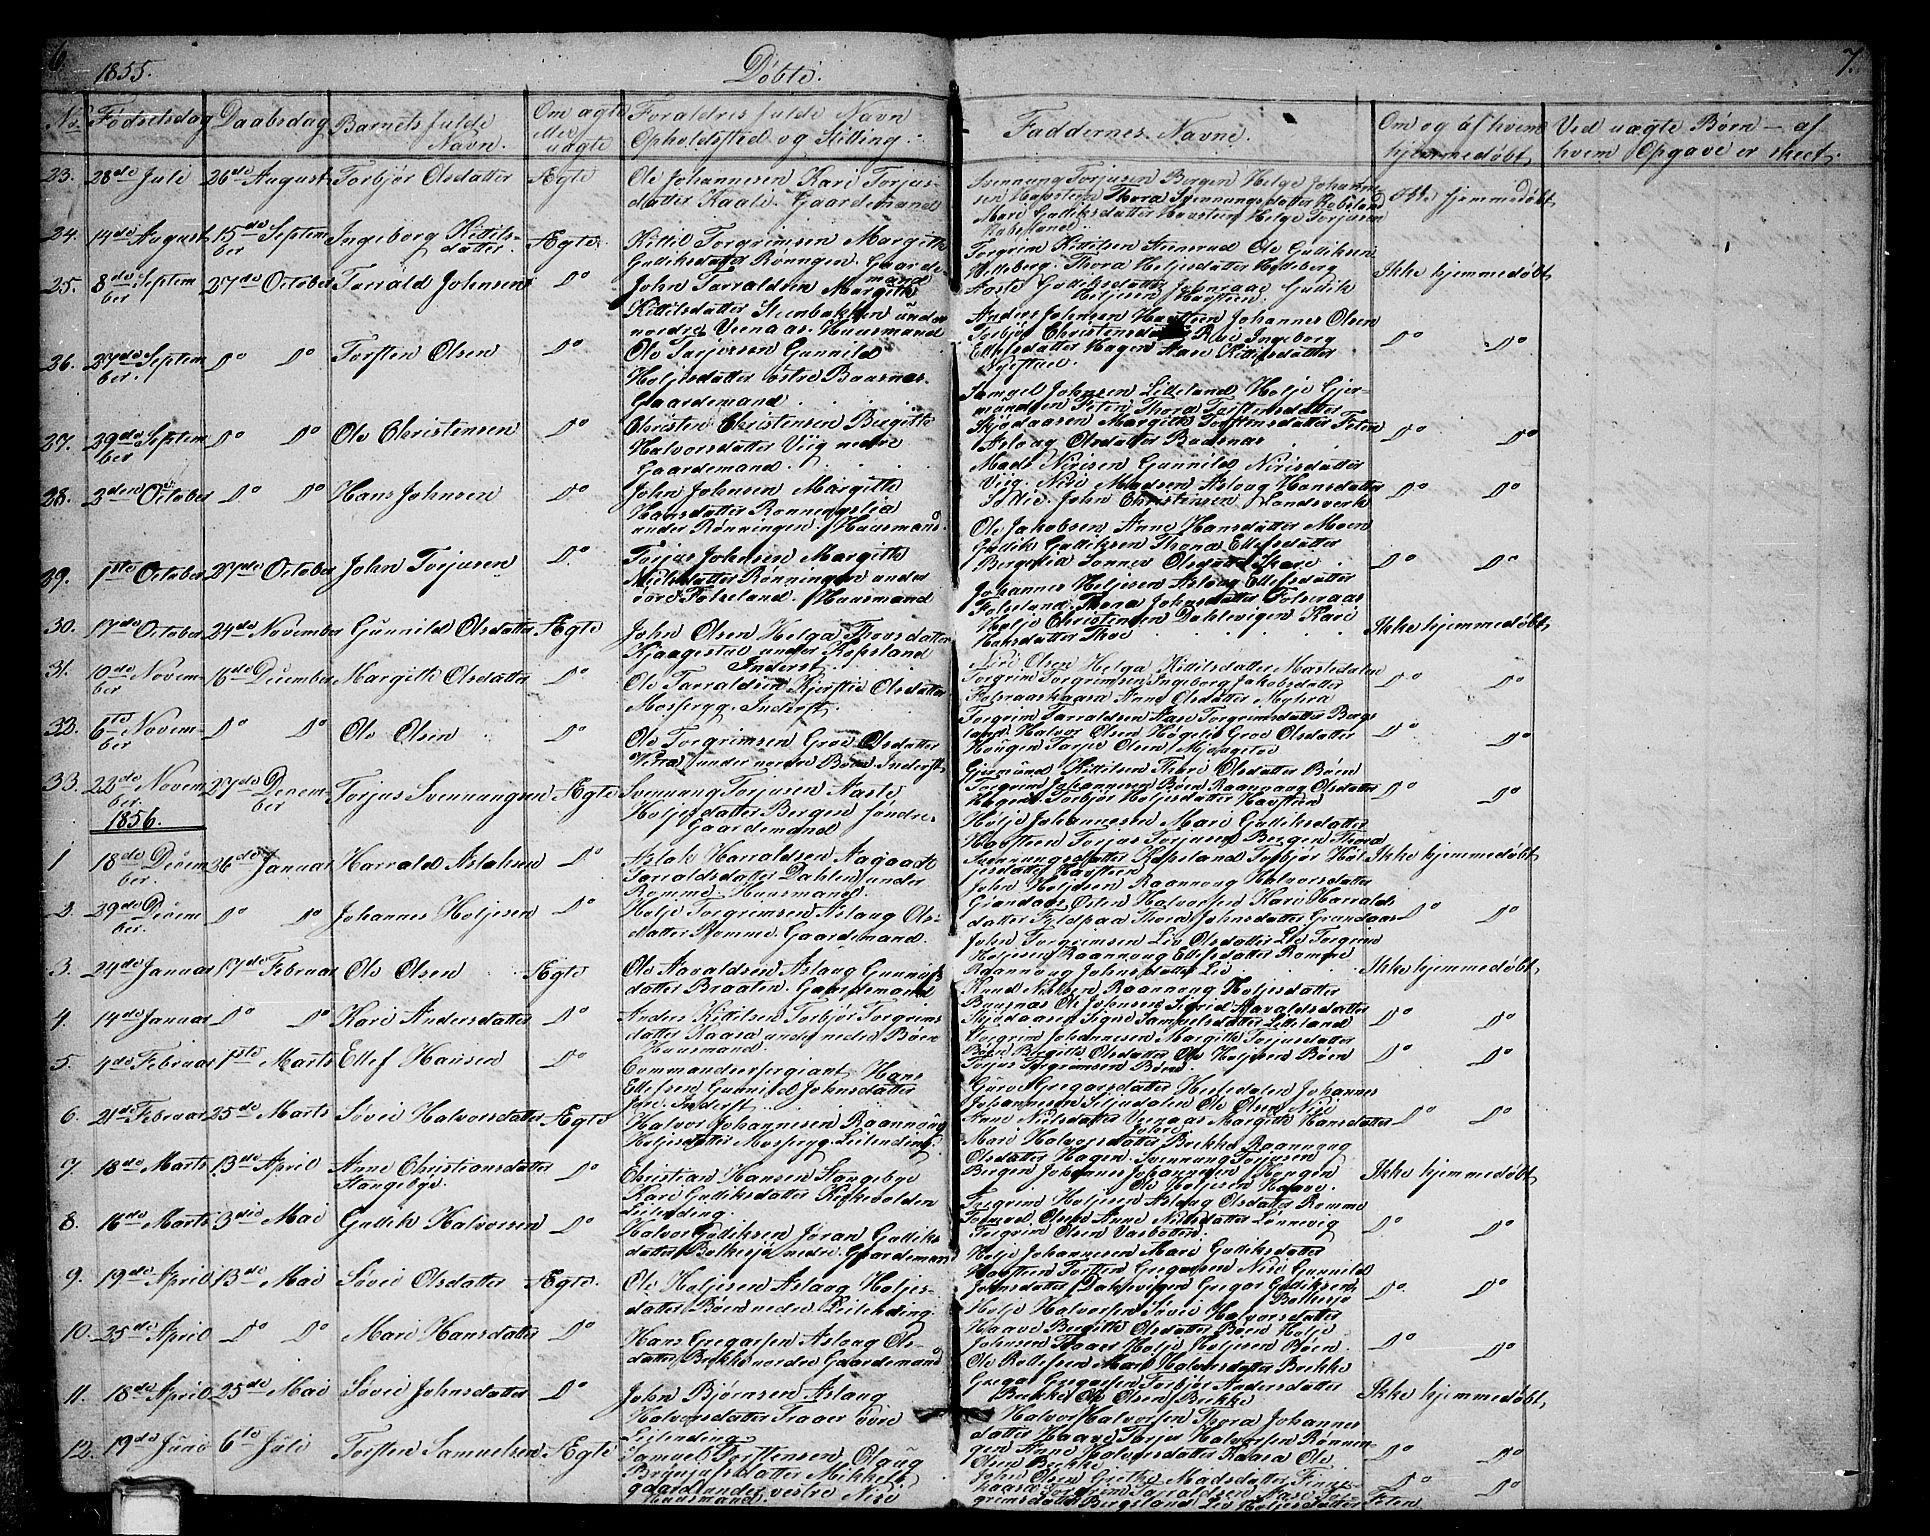 SAKO, Gransherad kirkebøker, G/Ga/L0002: Klokkerbok nr. I 2, 1854-1886, s. 6-7